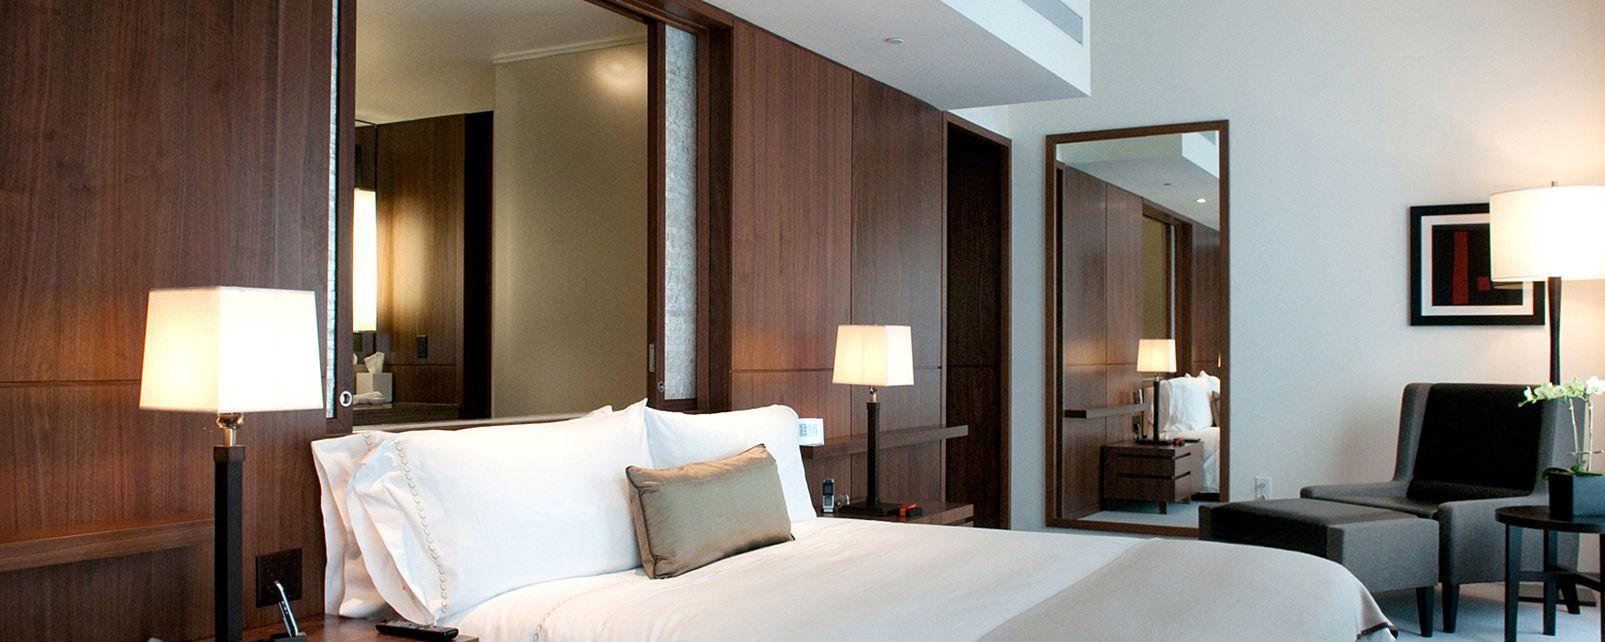 Hotel Setai Fifth Avenue